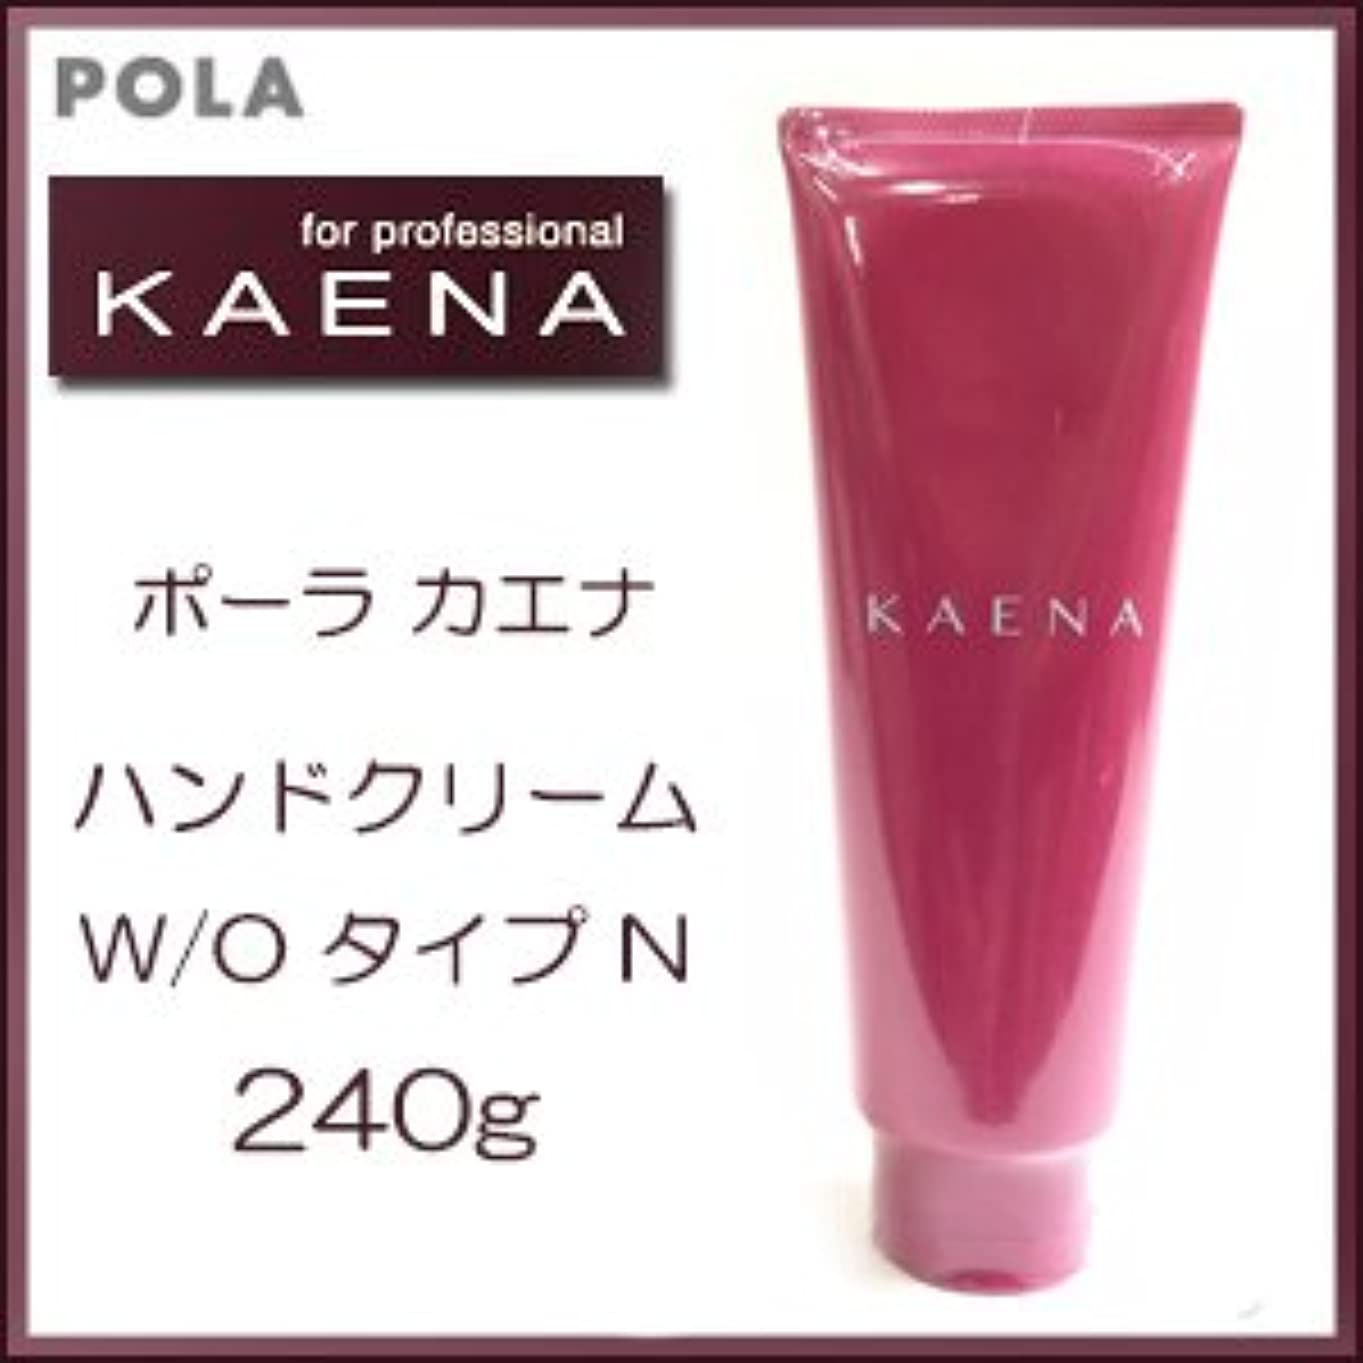 期限切れ配置冷淡な【X4個セット】 ポーラ カエナ ハンドクリーム W/O タイプ 240g POLA KAENA アウトバスシリーズ